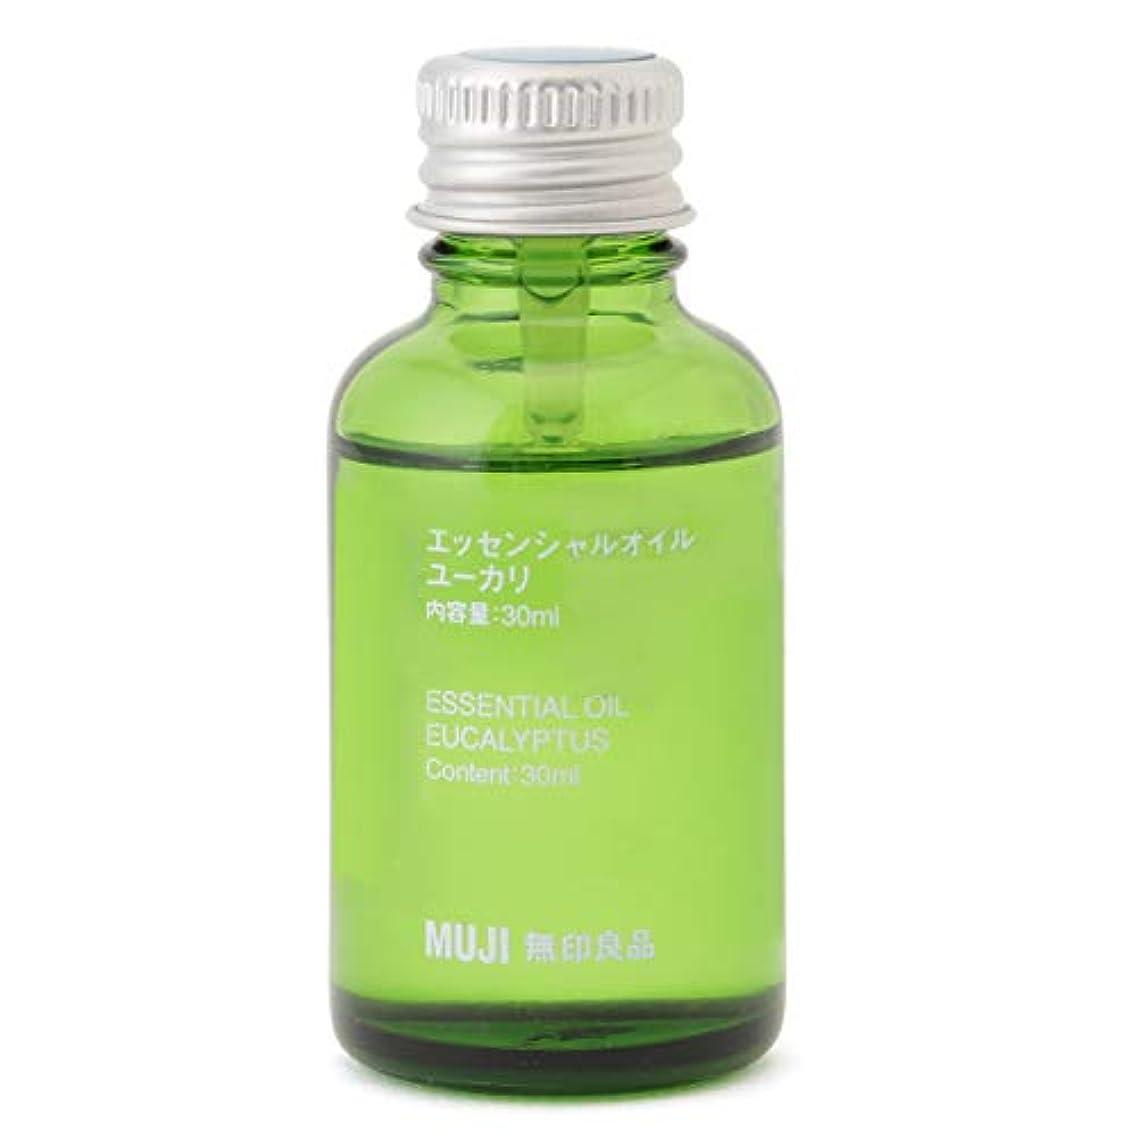 原稿ガス想像する【無印良品】エッセンシャルオイル30ml(ユーカリ)